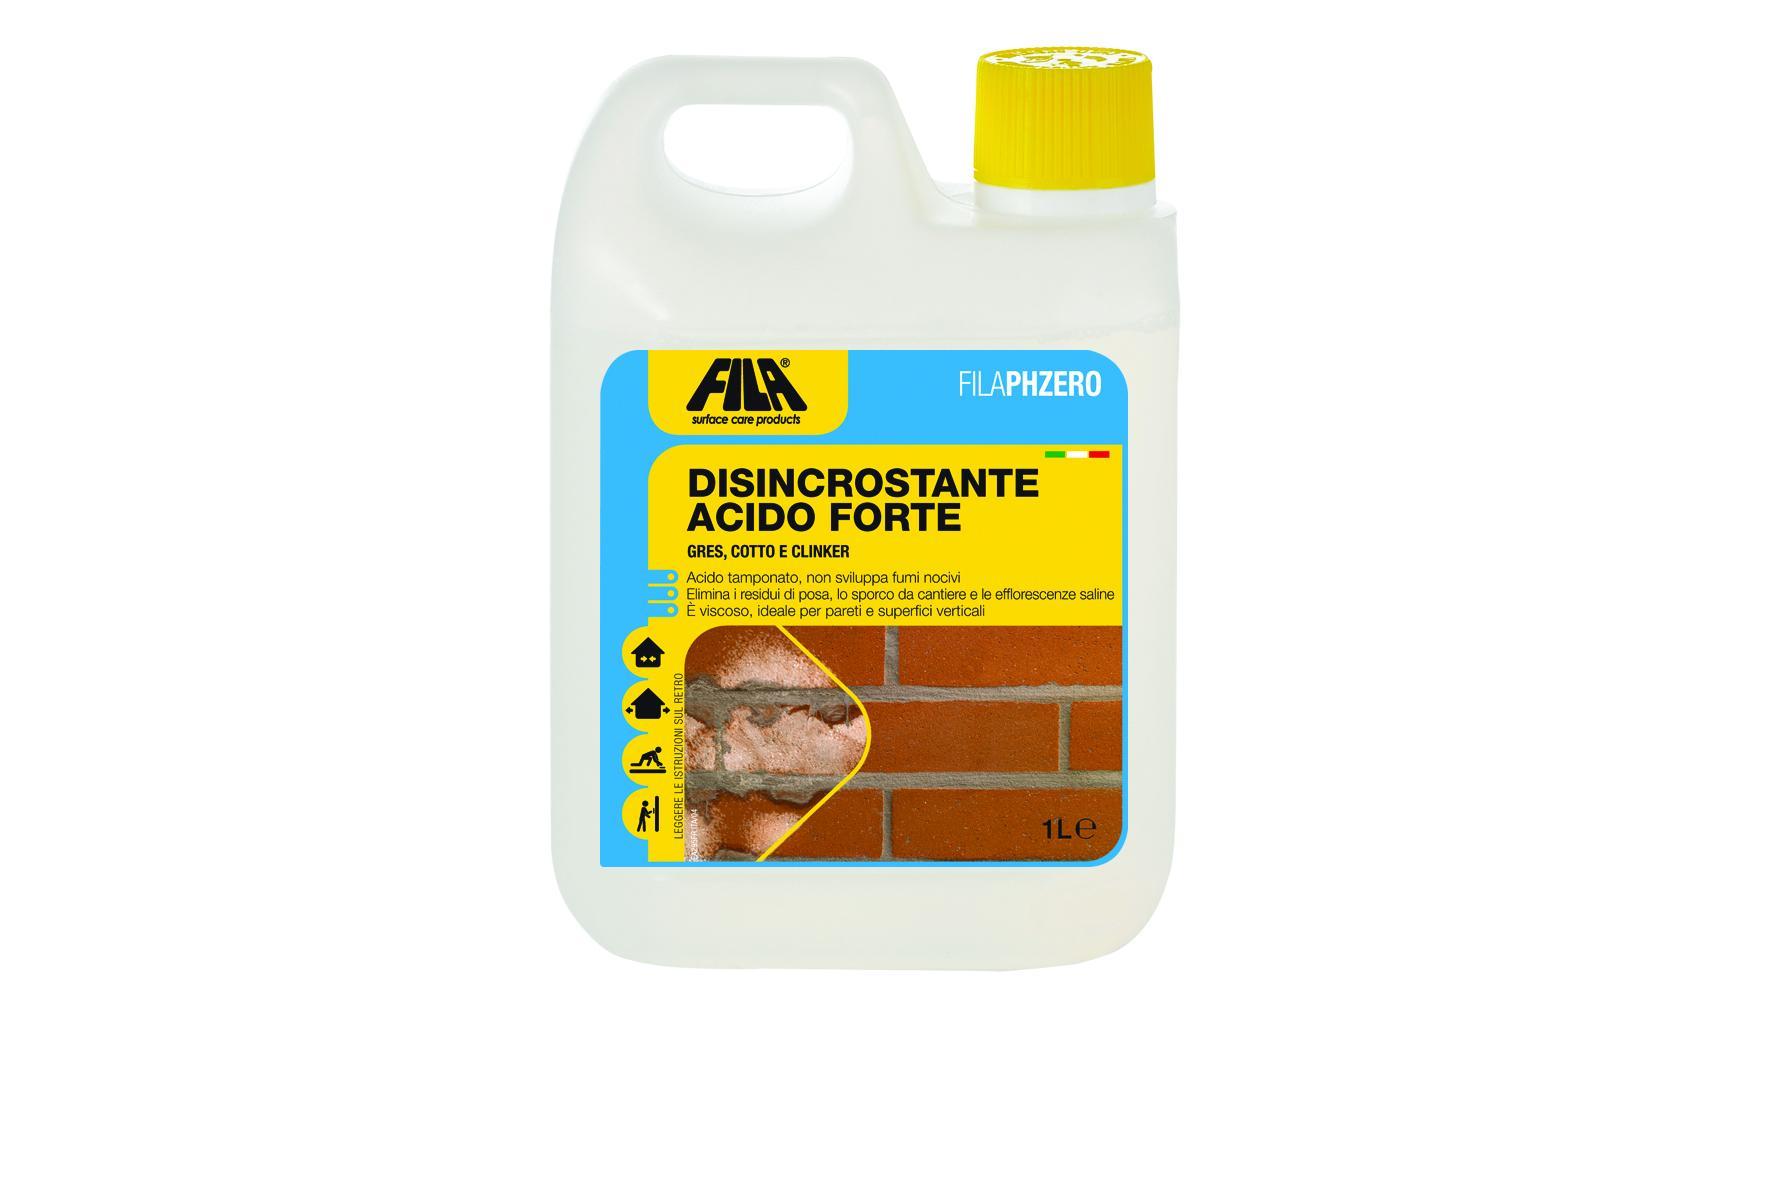 Disincrostante Acido Forte 1lt FilaPhzero FILA